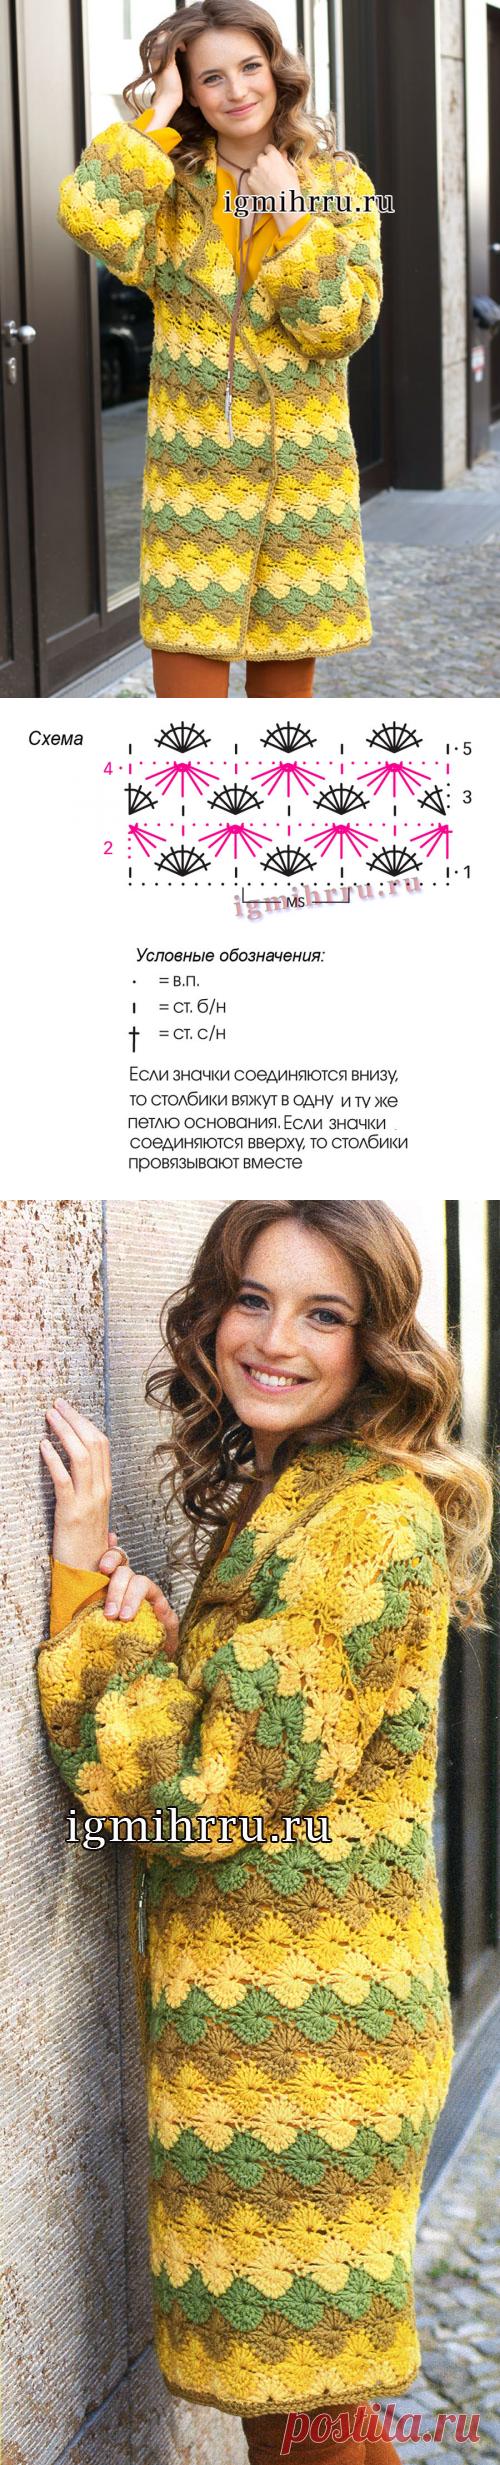 COZY \